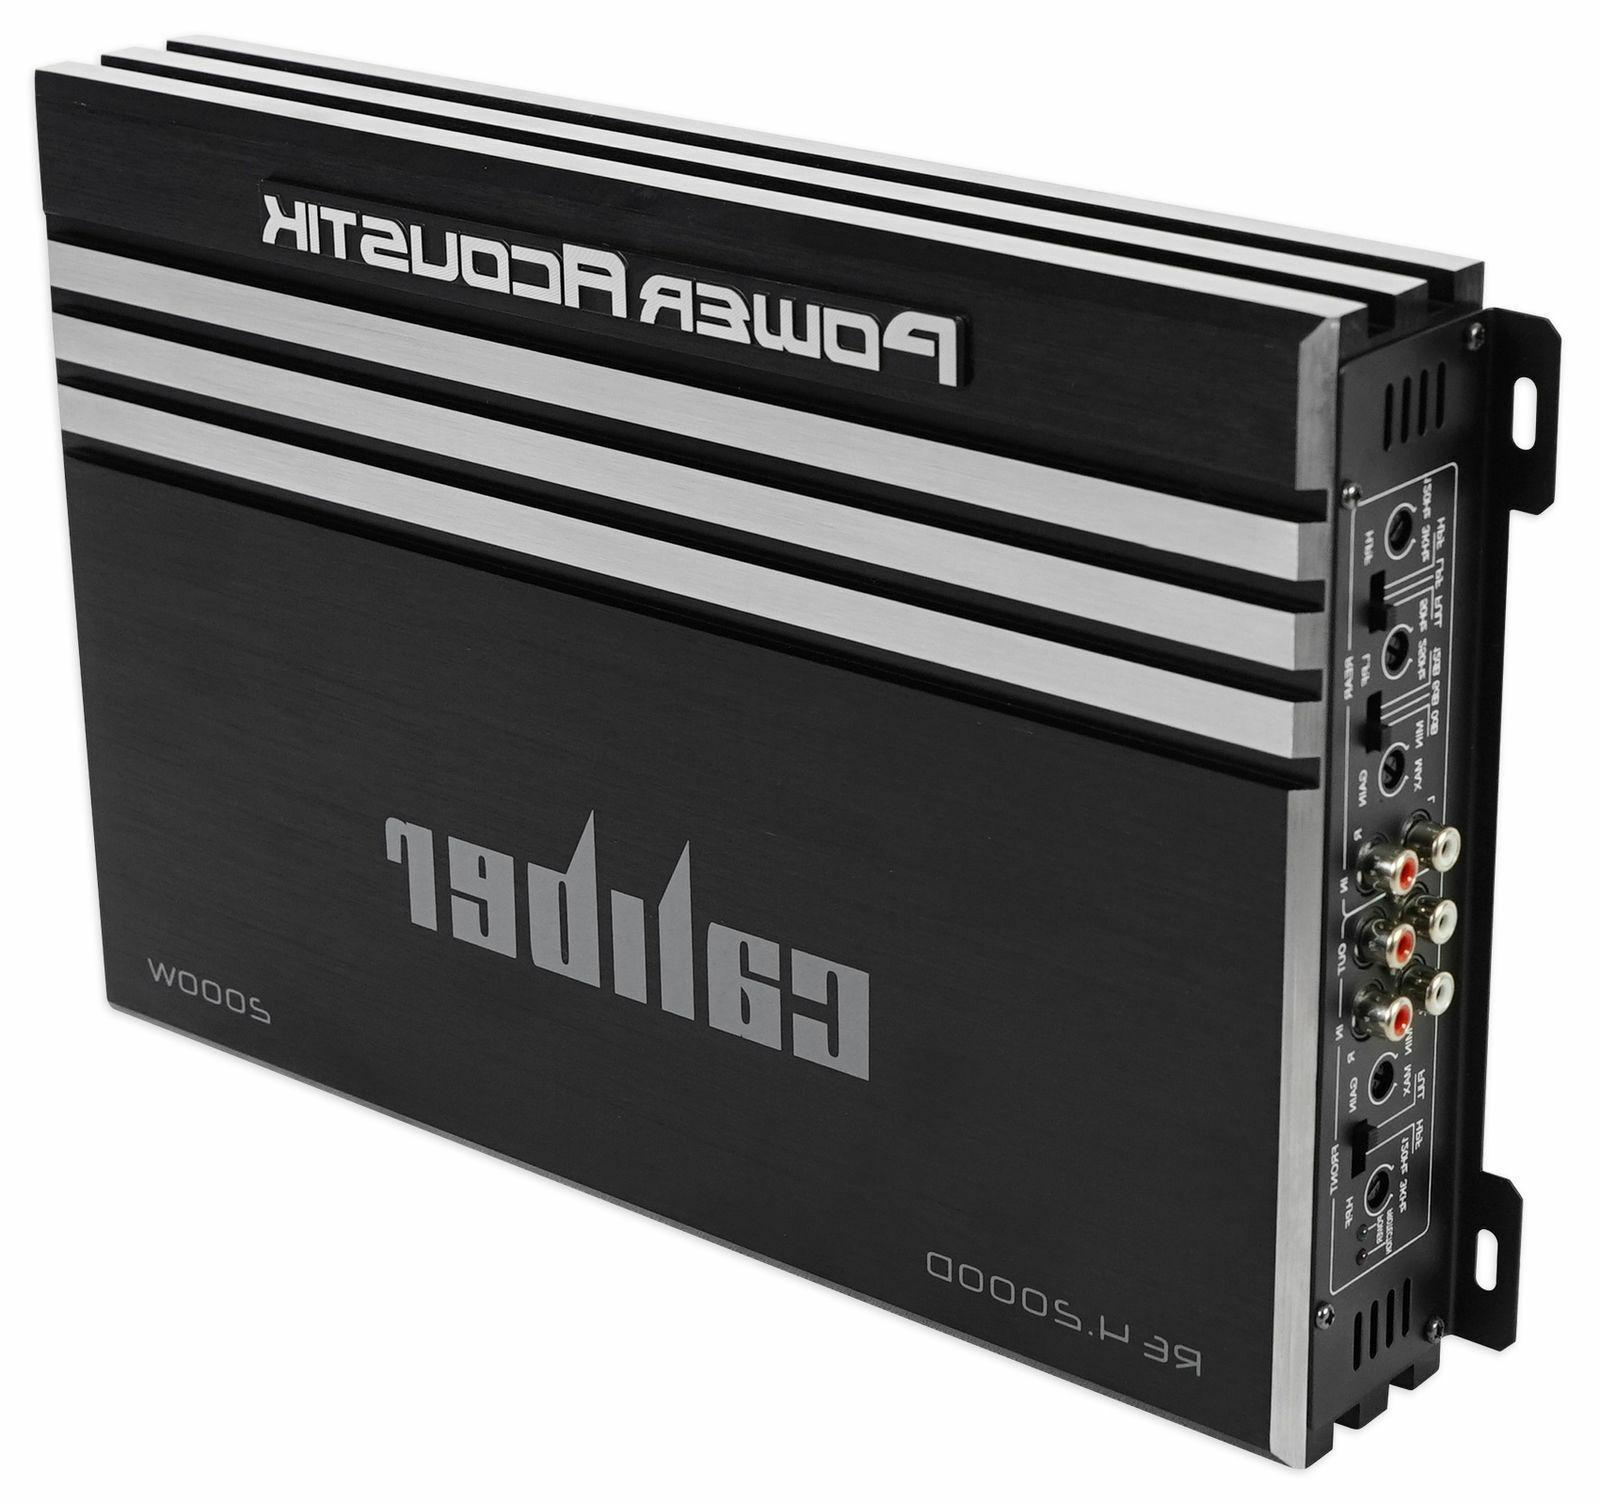 Watt 4-Channel Amplifier Amp